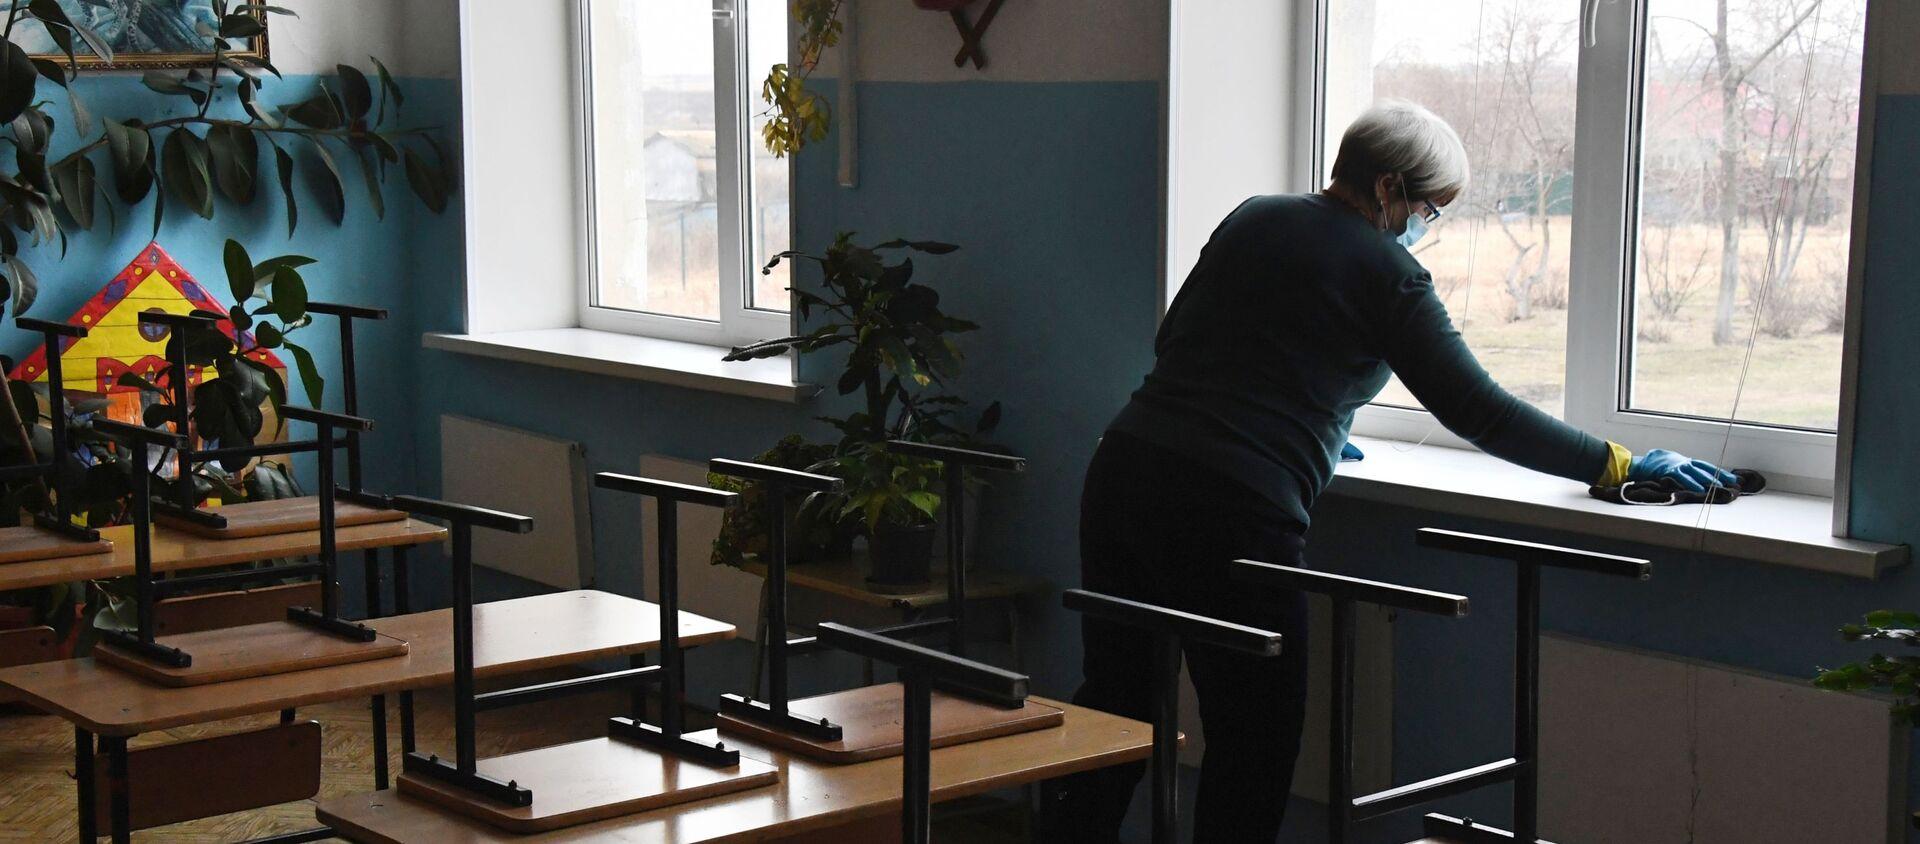 В Приморье возобновили обучение детей в малокомплектных школах - Sputnik Аҧсны, 1920, 03.02.2021